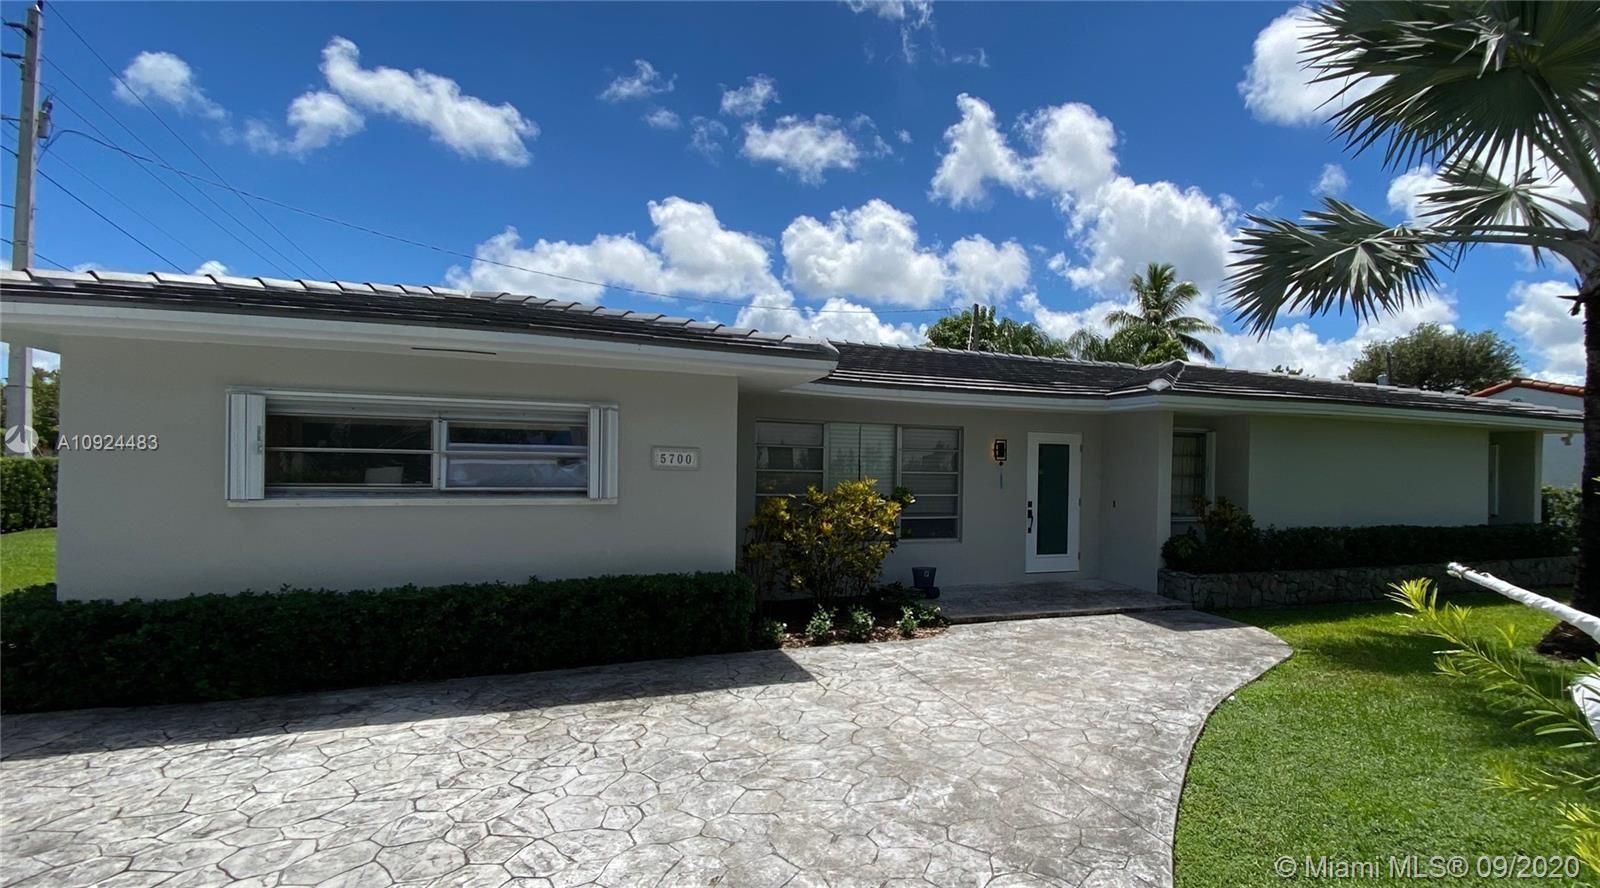 5700 SW 51st Ter, Miami, FL 33155 - #: A10924483